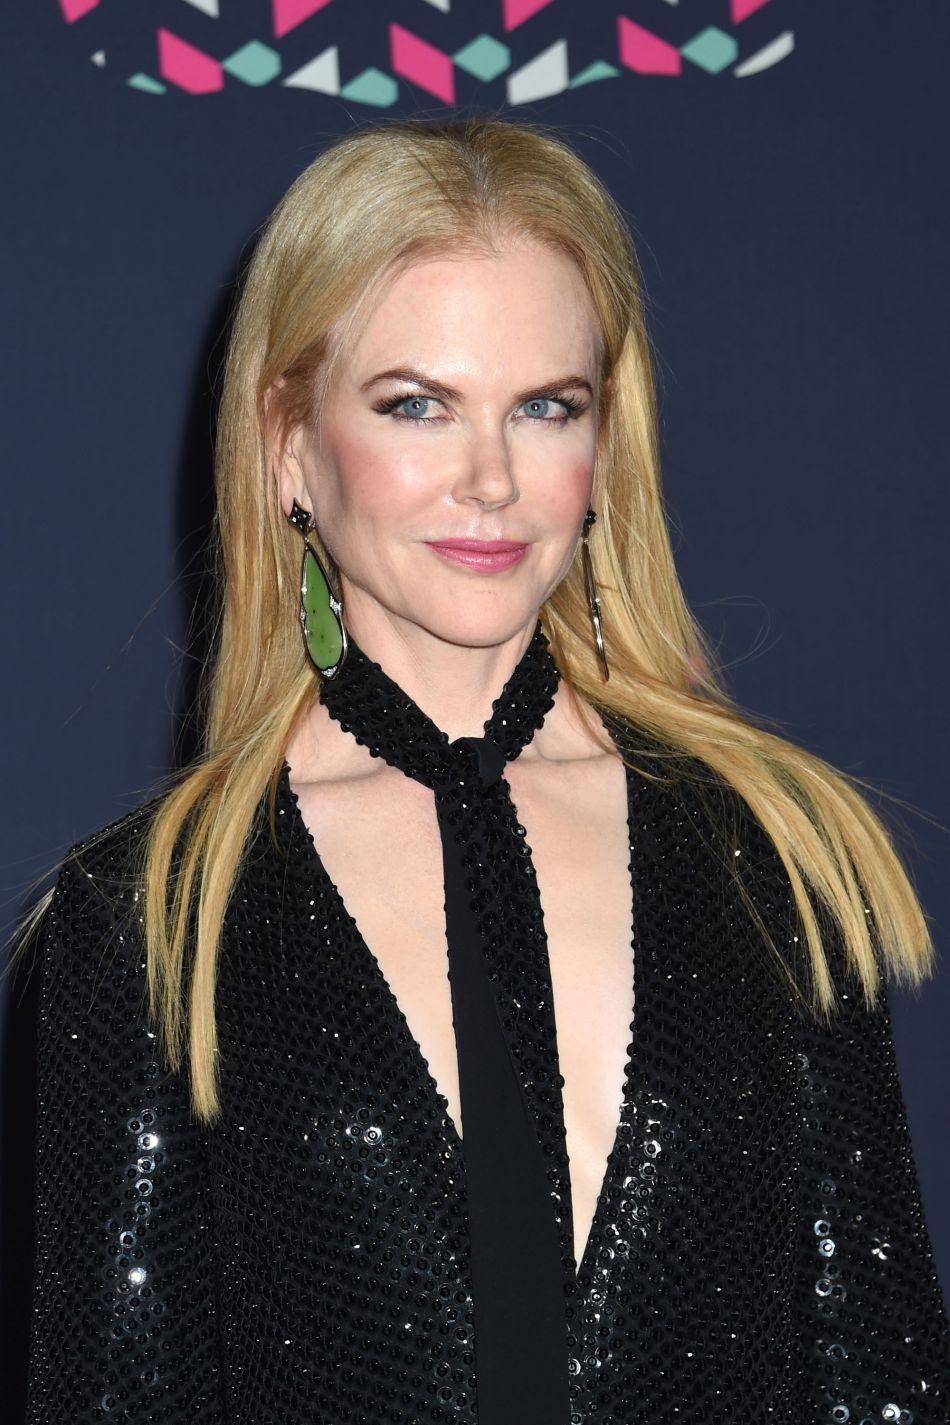 Le front de Nicole Kidman est lisse et le restera ! A 49 ans, l'actrice ne change définitivement pas.